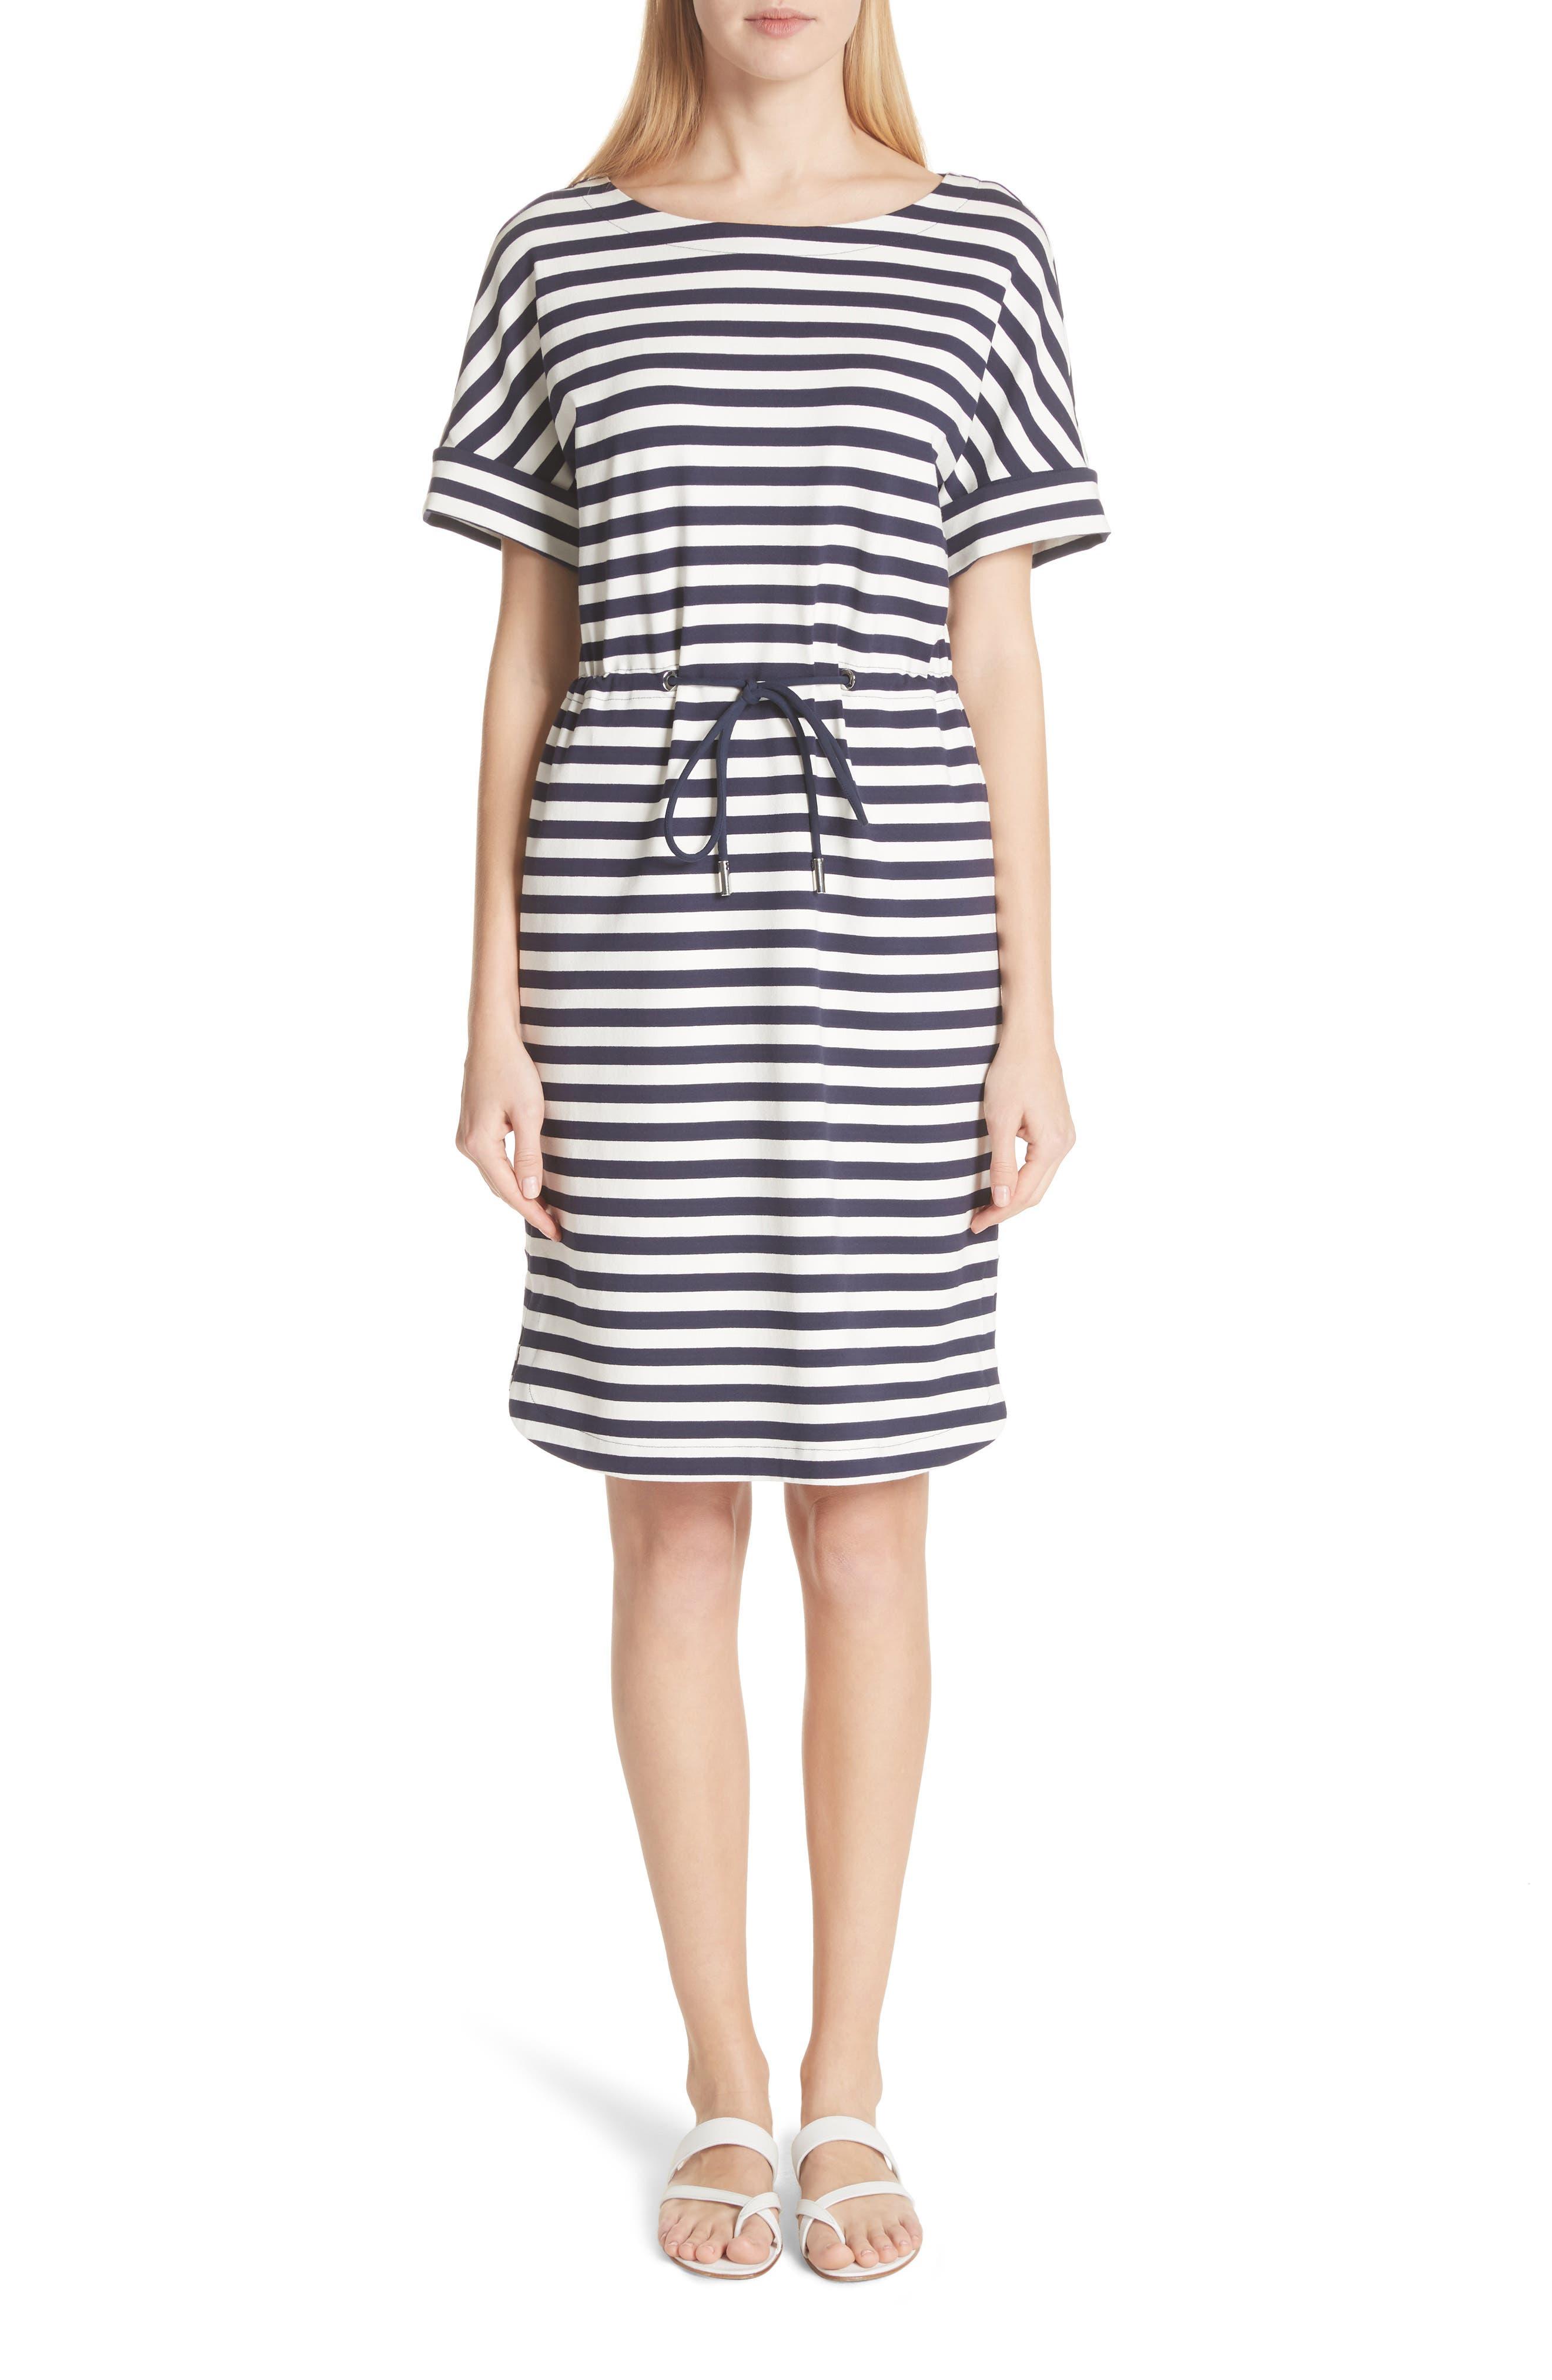 Brandon Tee Dress,                         Main,                         color, Delft Multi